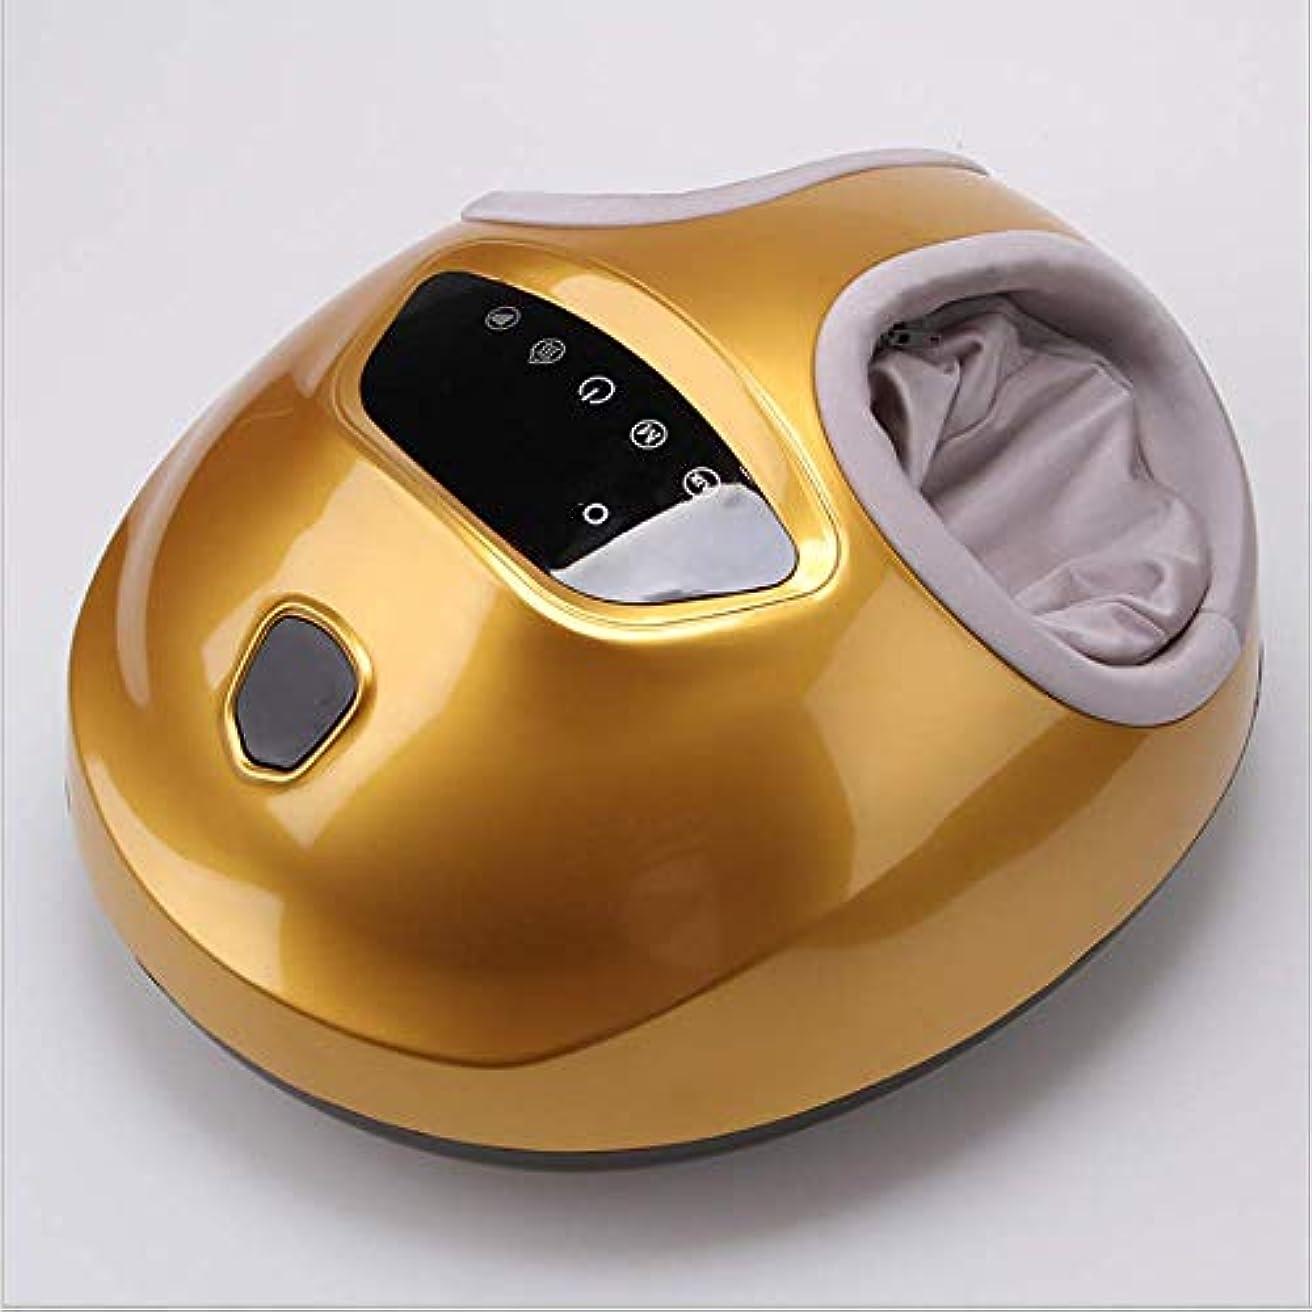 バレーボール翻訳発生器電動足裏マッサージ器は、足底筋膜炎と足の疲れの痛みを和らげるために、なだめるような赤外線加熱と空気圧縮を備えた深く深い混練足マッサージを指します